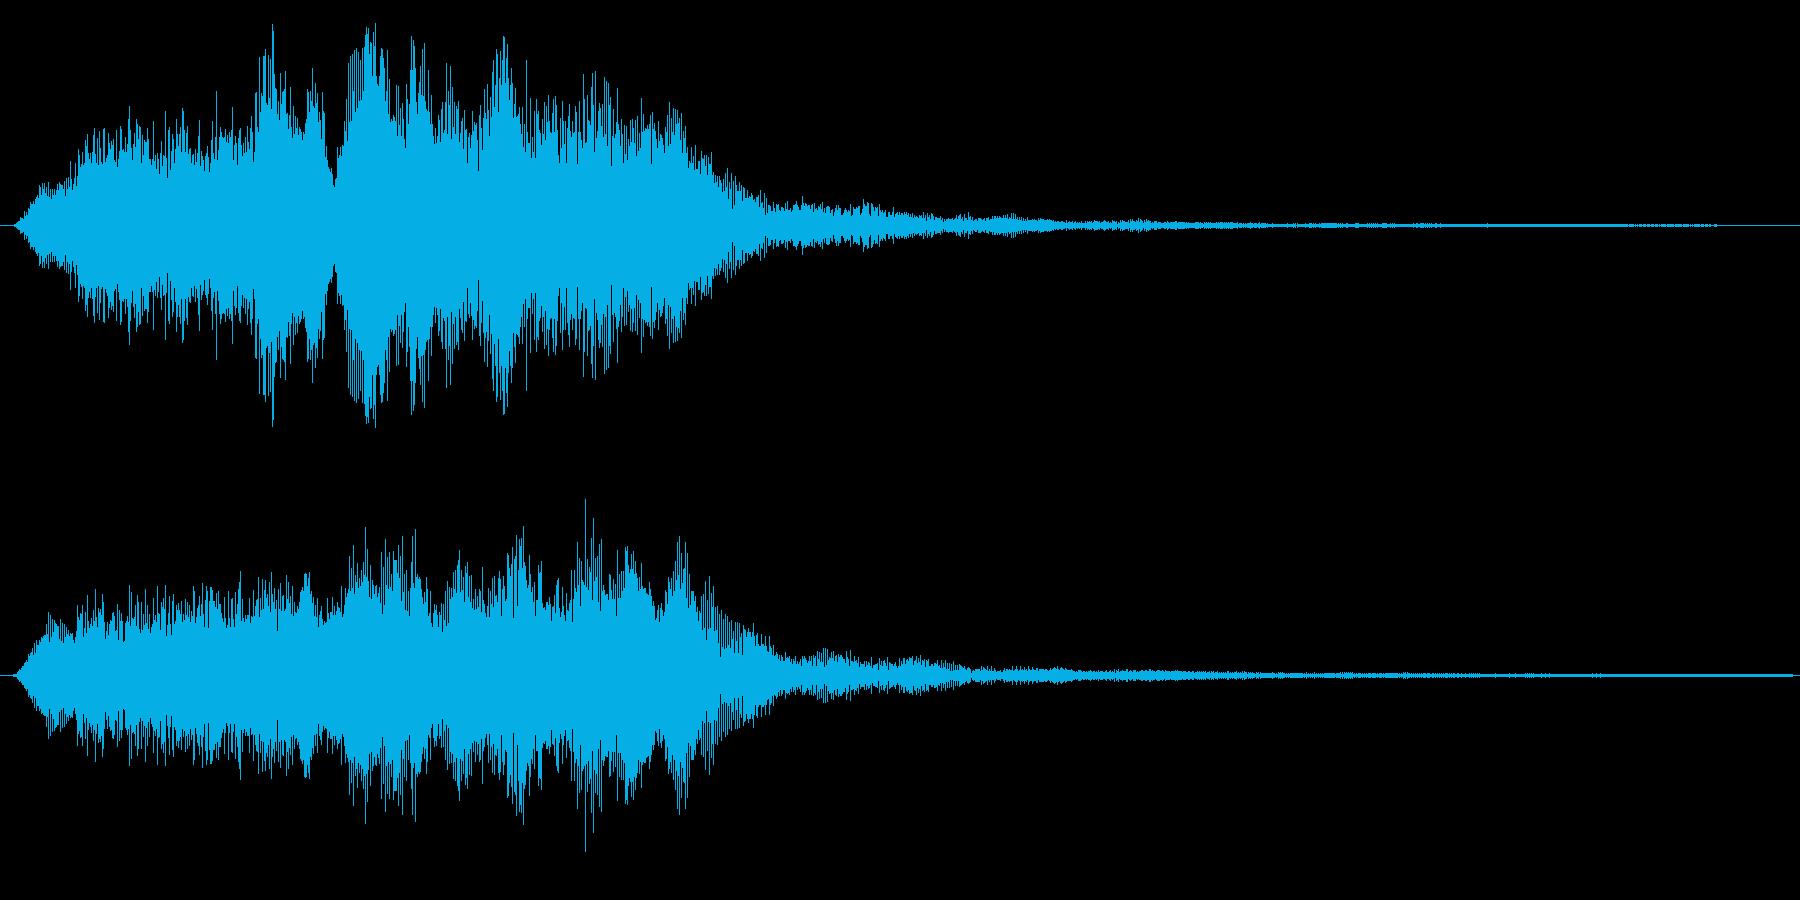 バイオリンの場面転換 アイキャッチ 切替の再生済みの波形